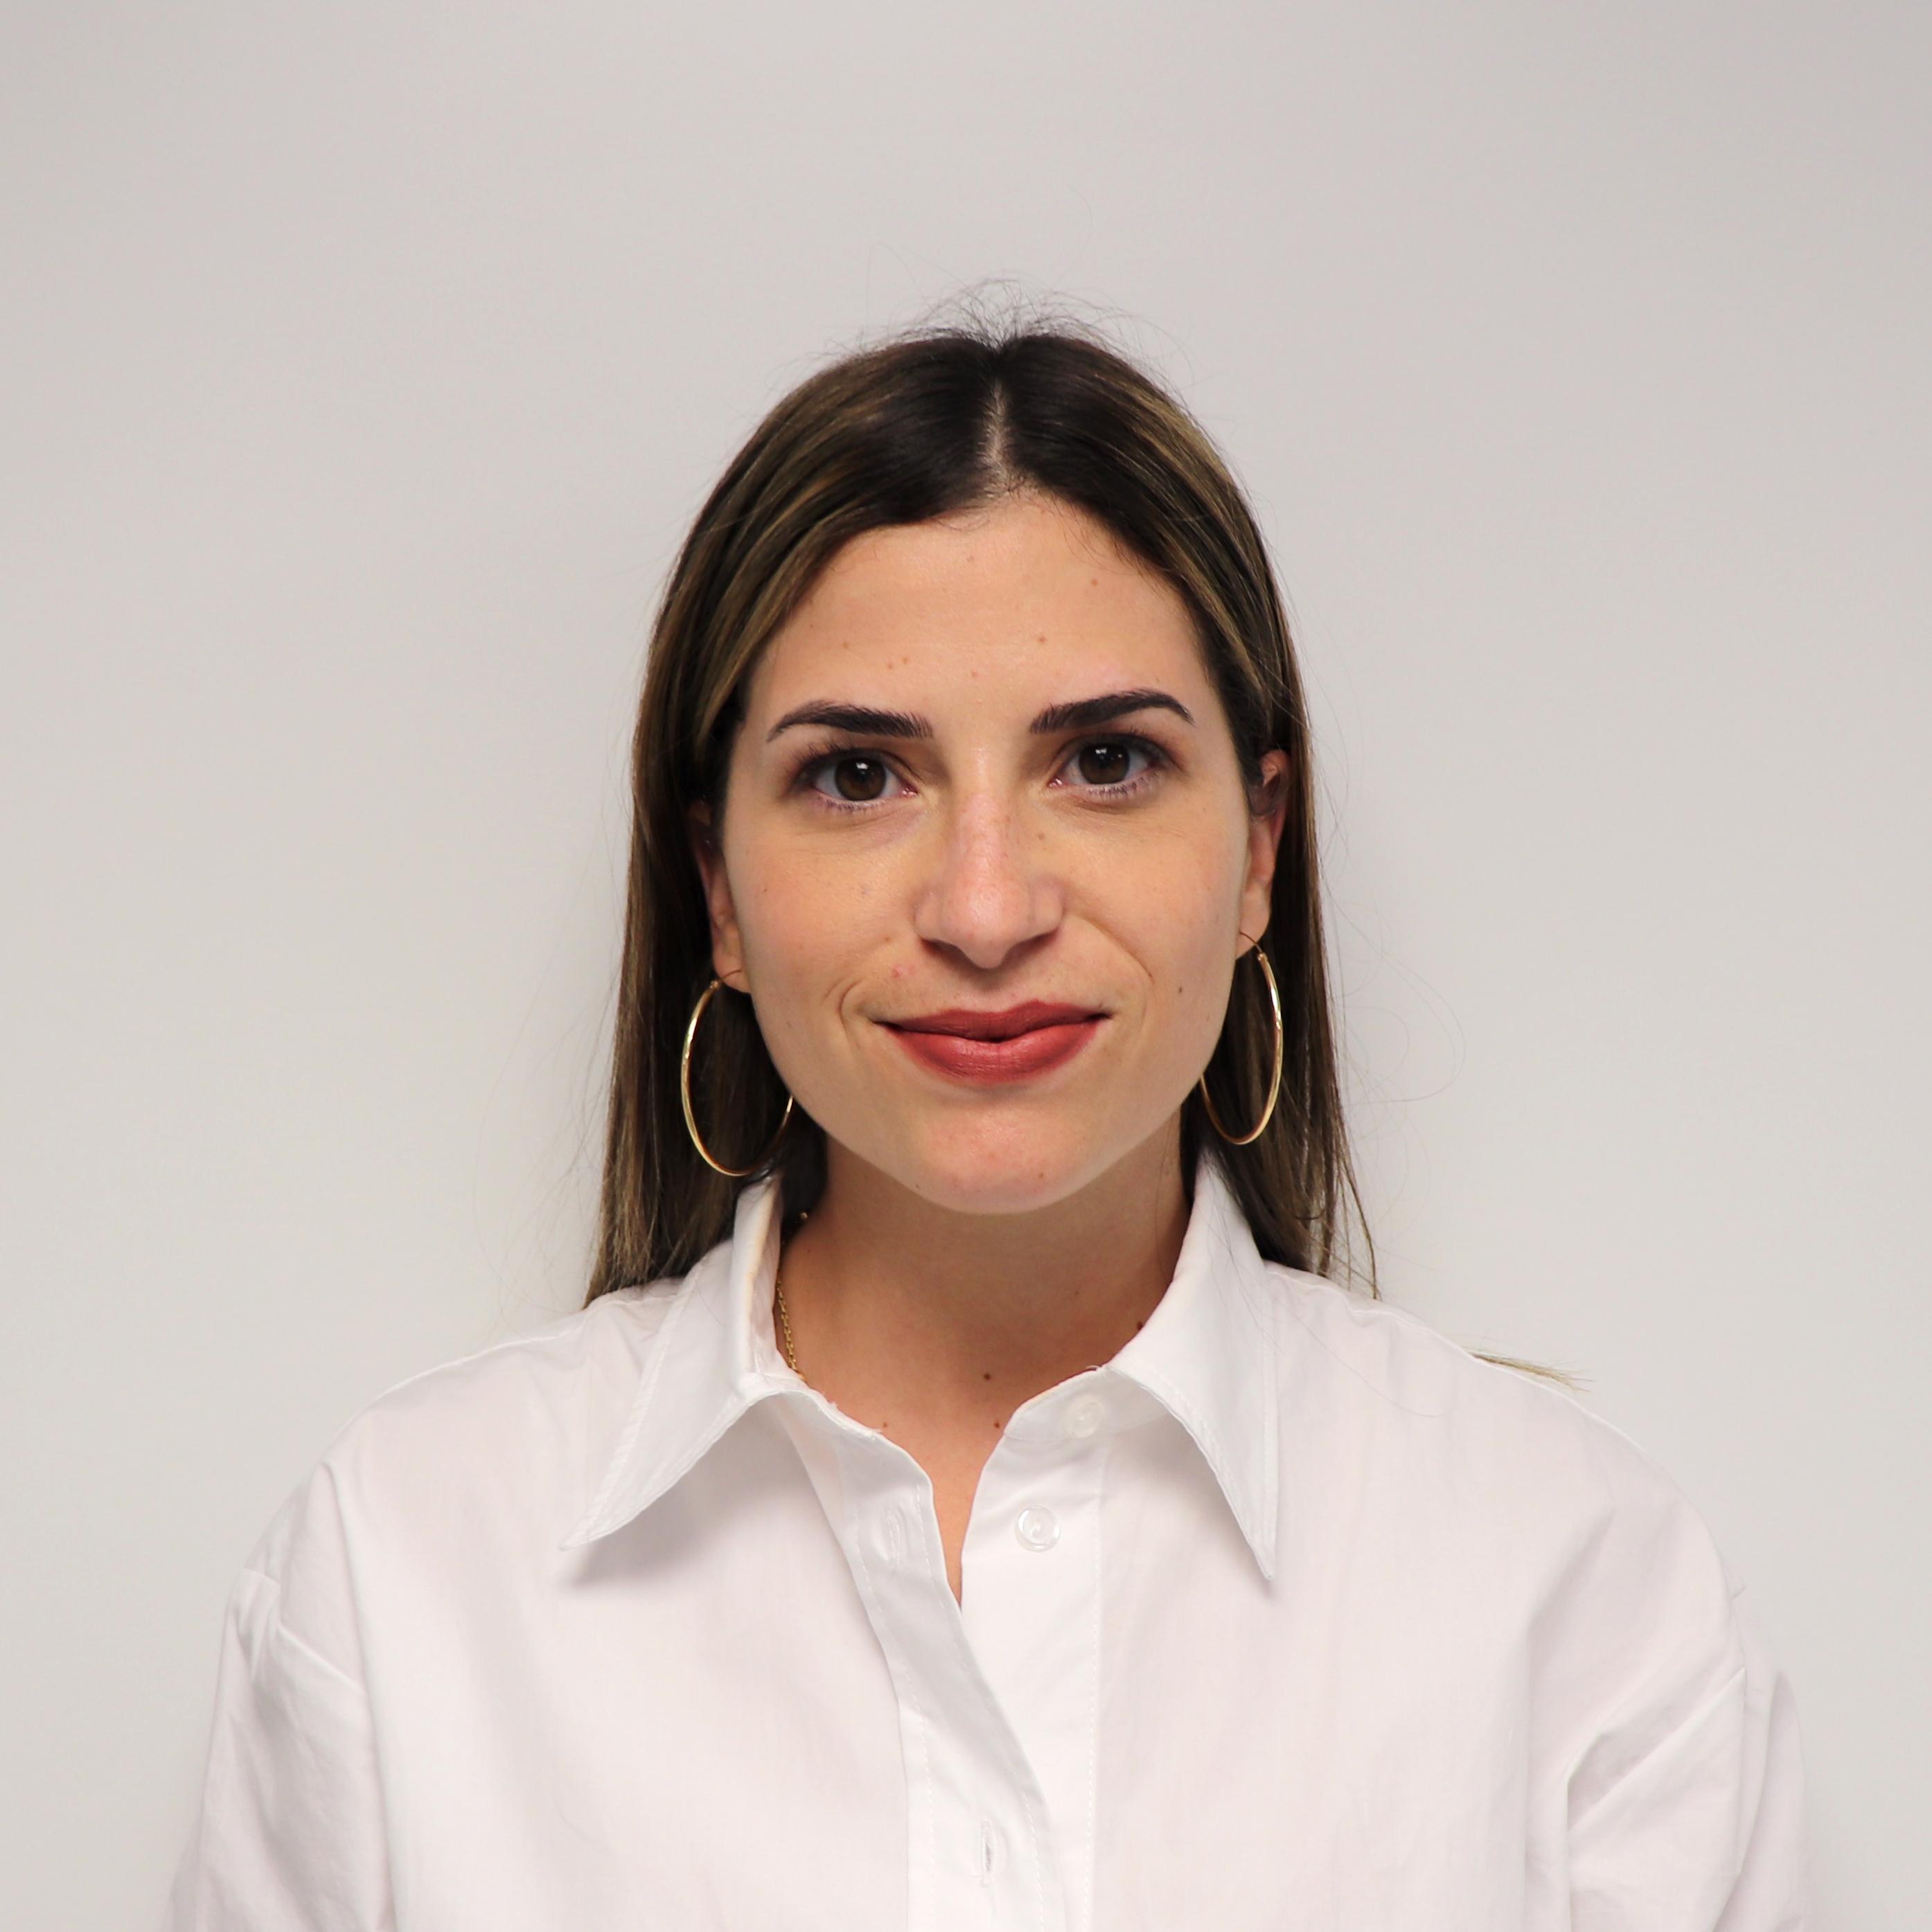 Alexia Cristina Oliva García